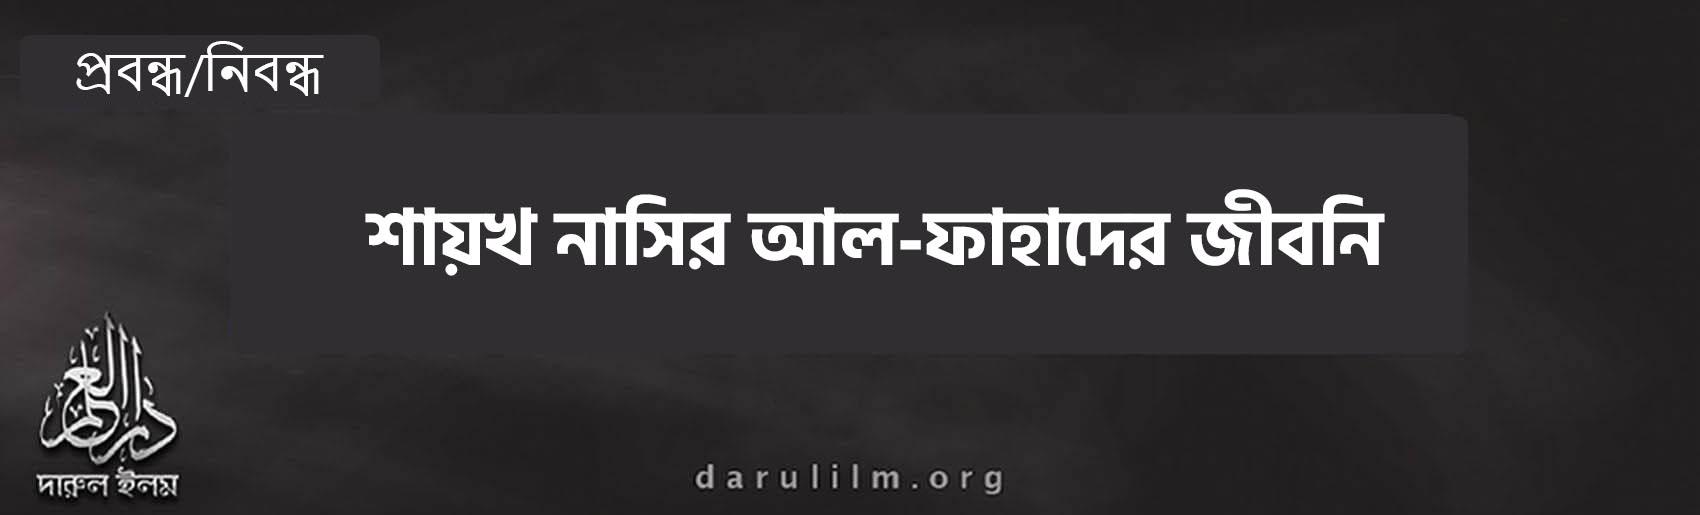 শায়খ নাসির আল-ফাহাদের জীবনি